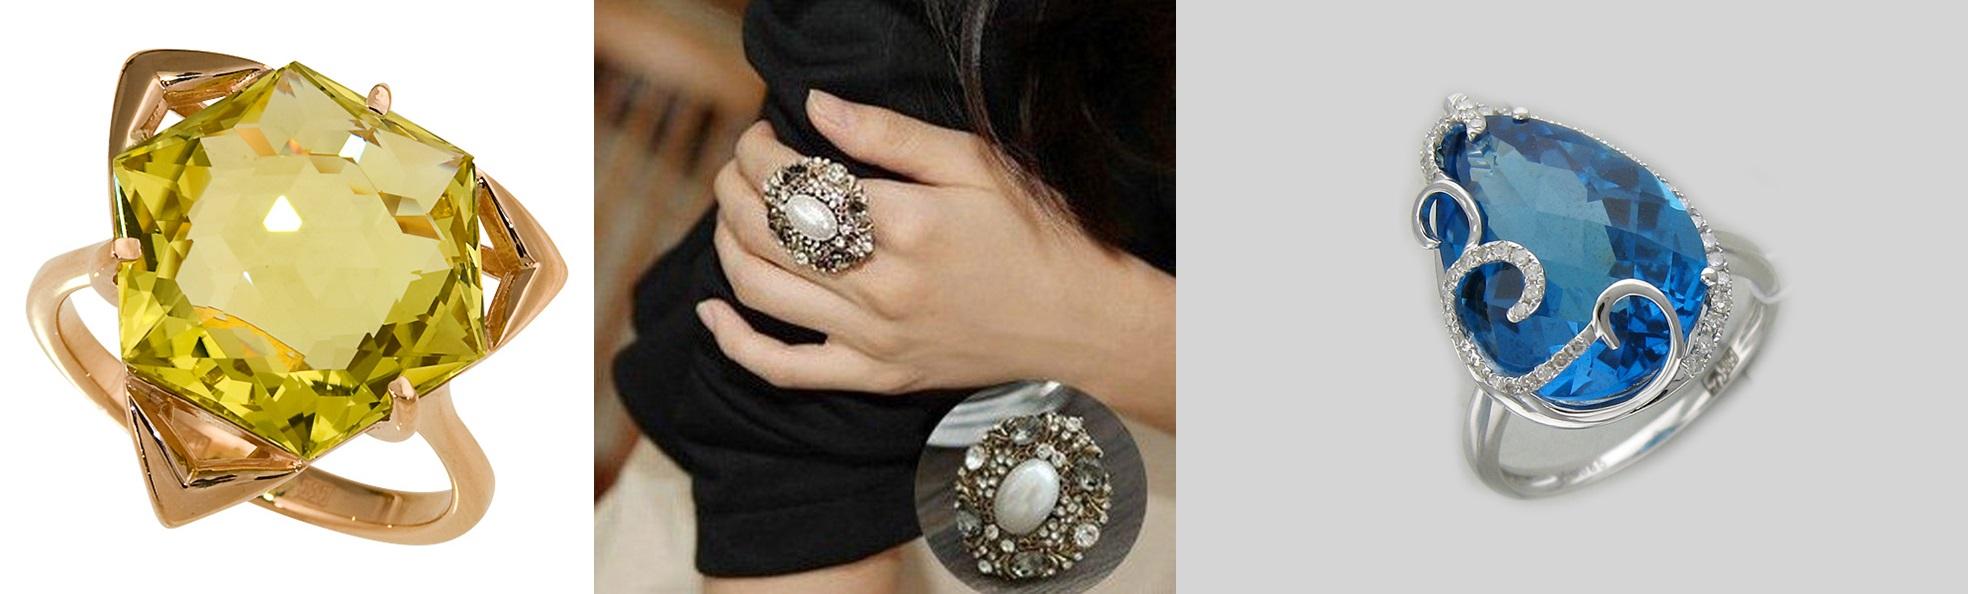 кольца с круглыми камнями